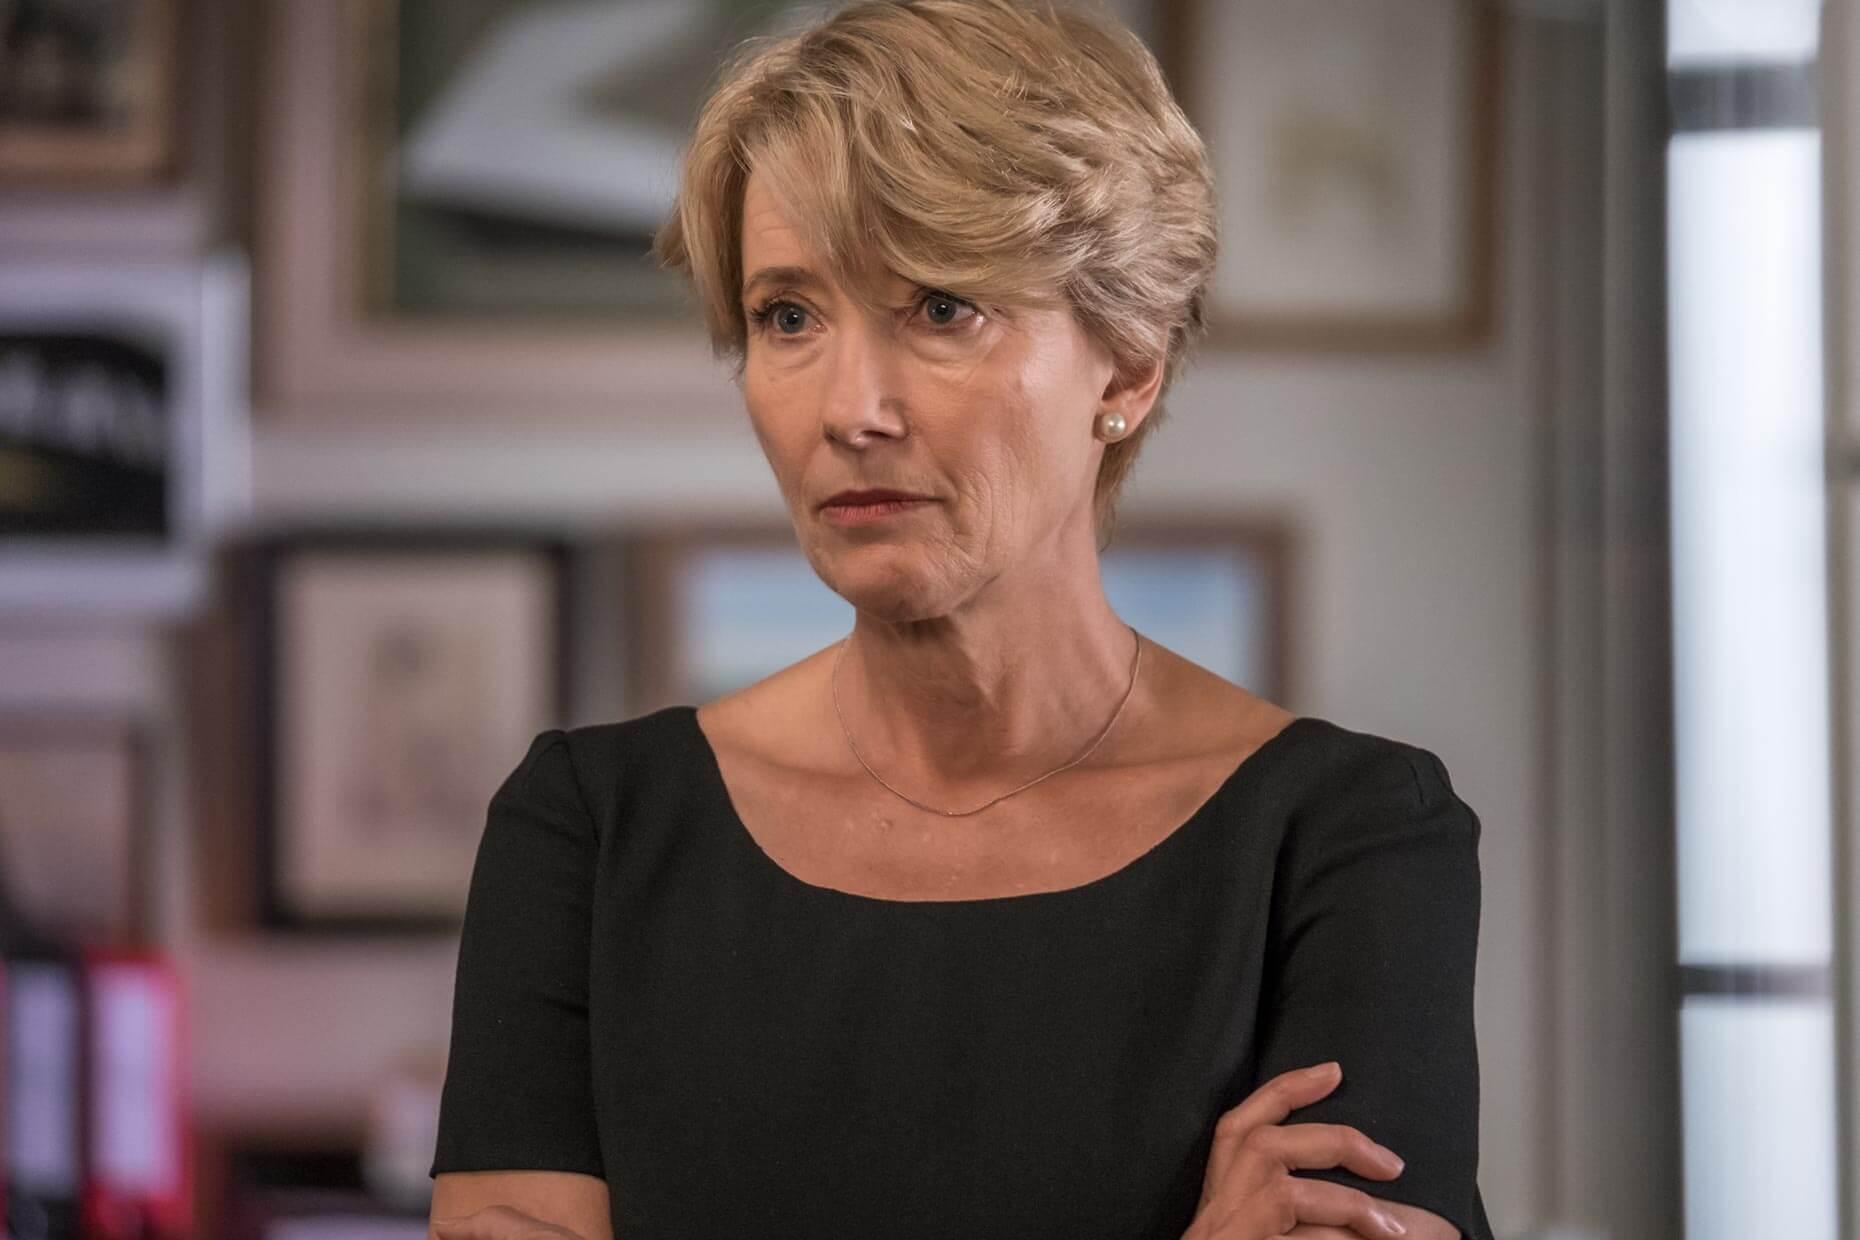 「 魔法保母 」奧斯卡影后 艾瑪湯普遜 在《 判決 》飾演公私皆需做出困難抉擇的聰慧法官。